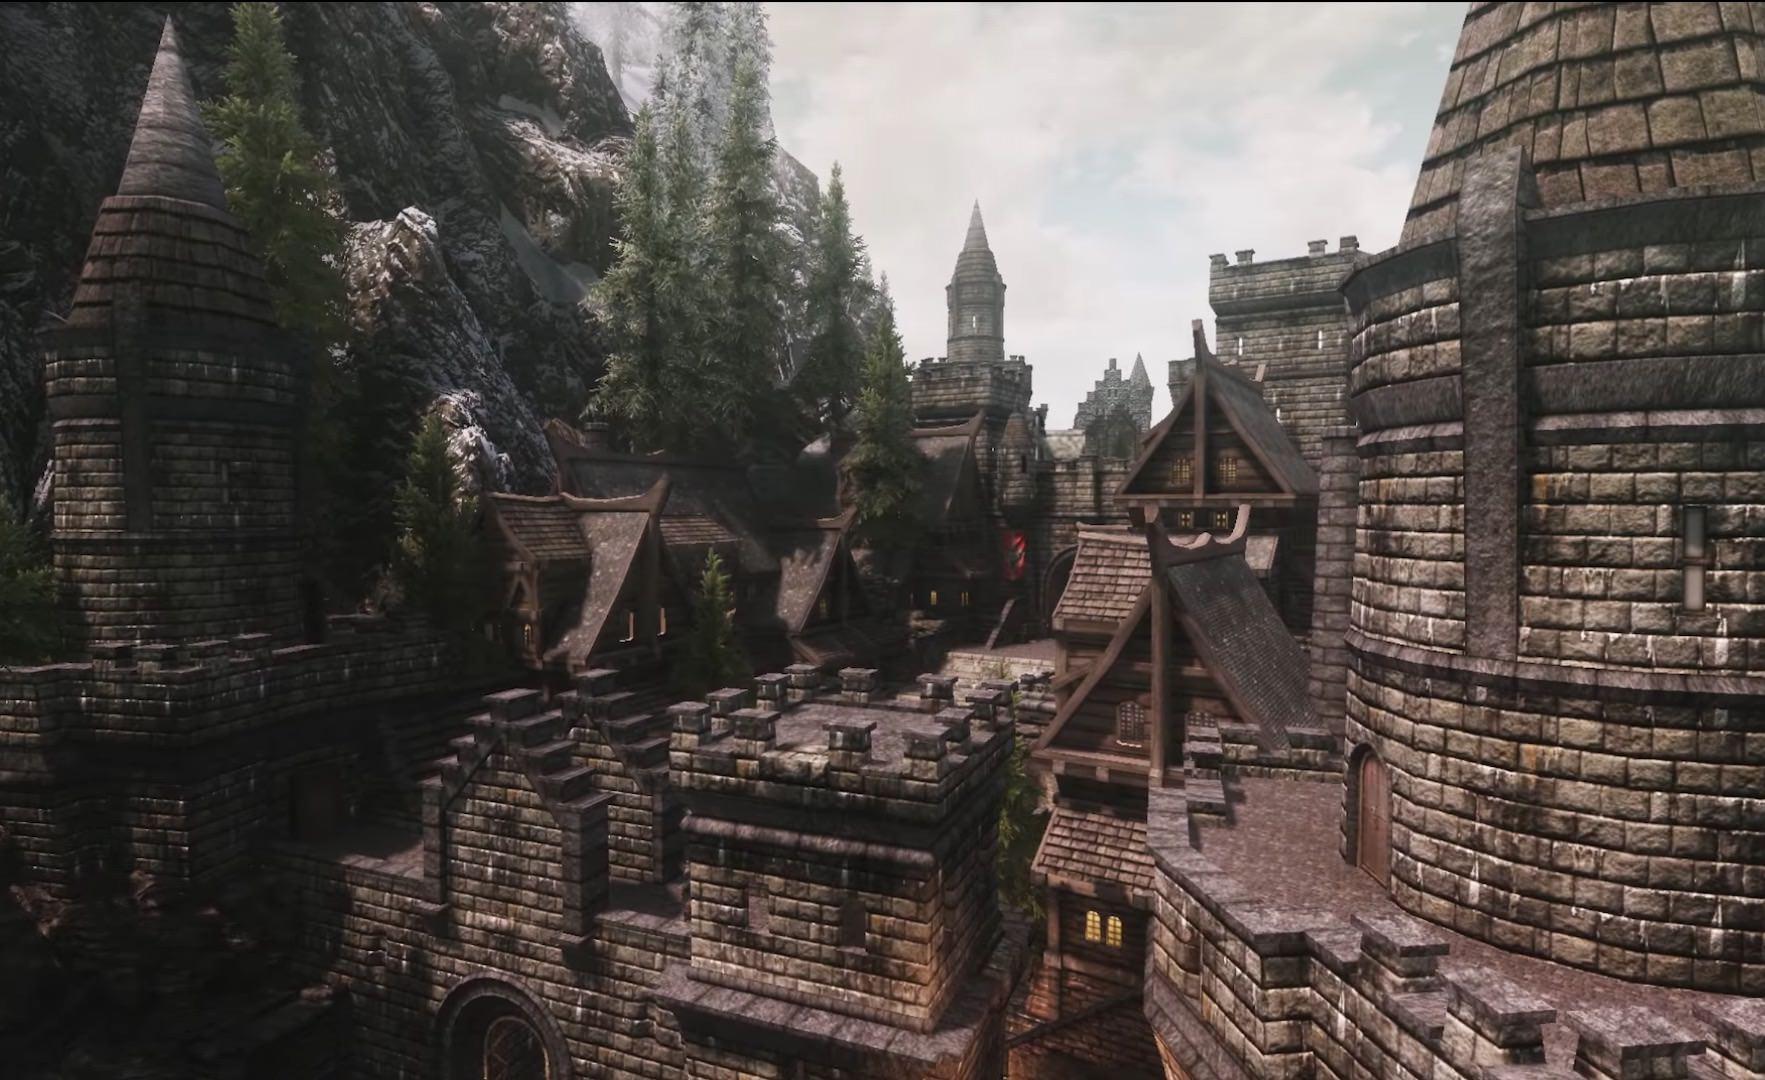 The Elder Scrolls V Skyrim Holds The City Overhaul